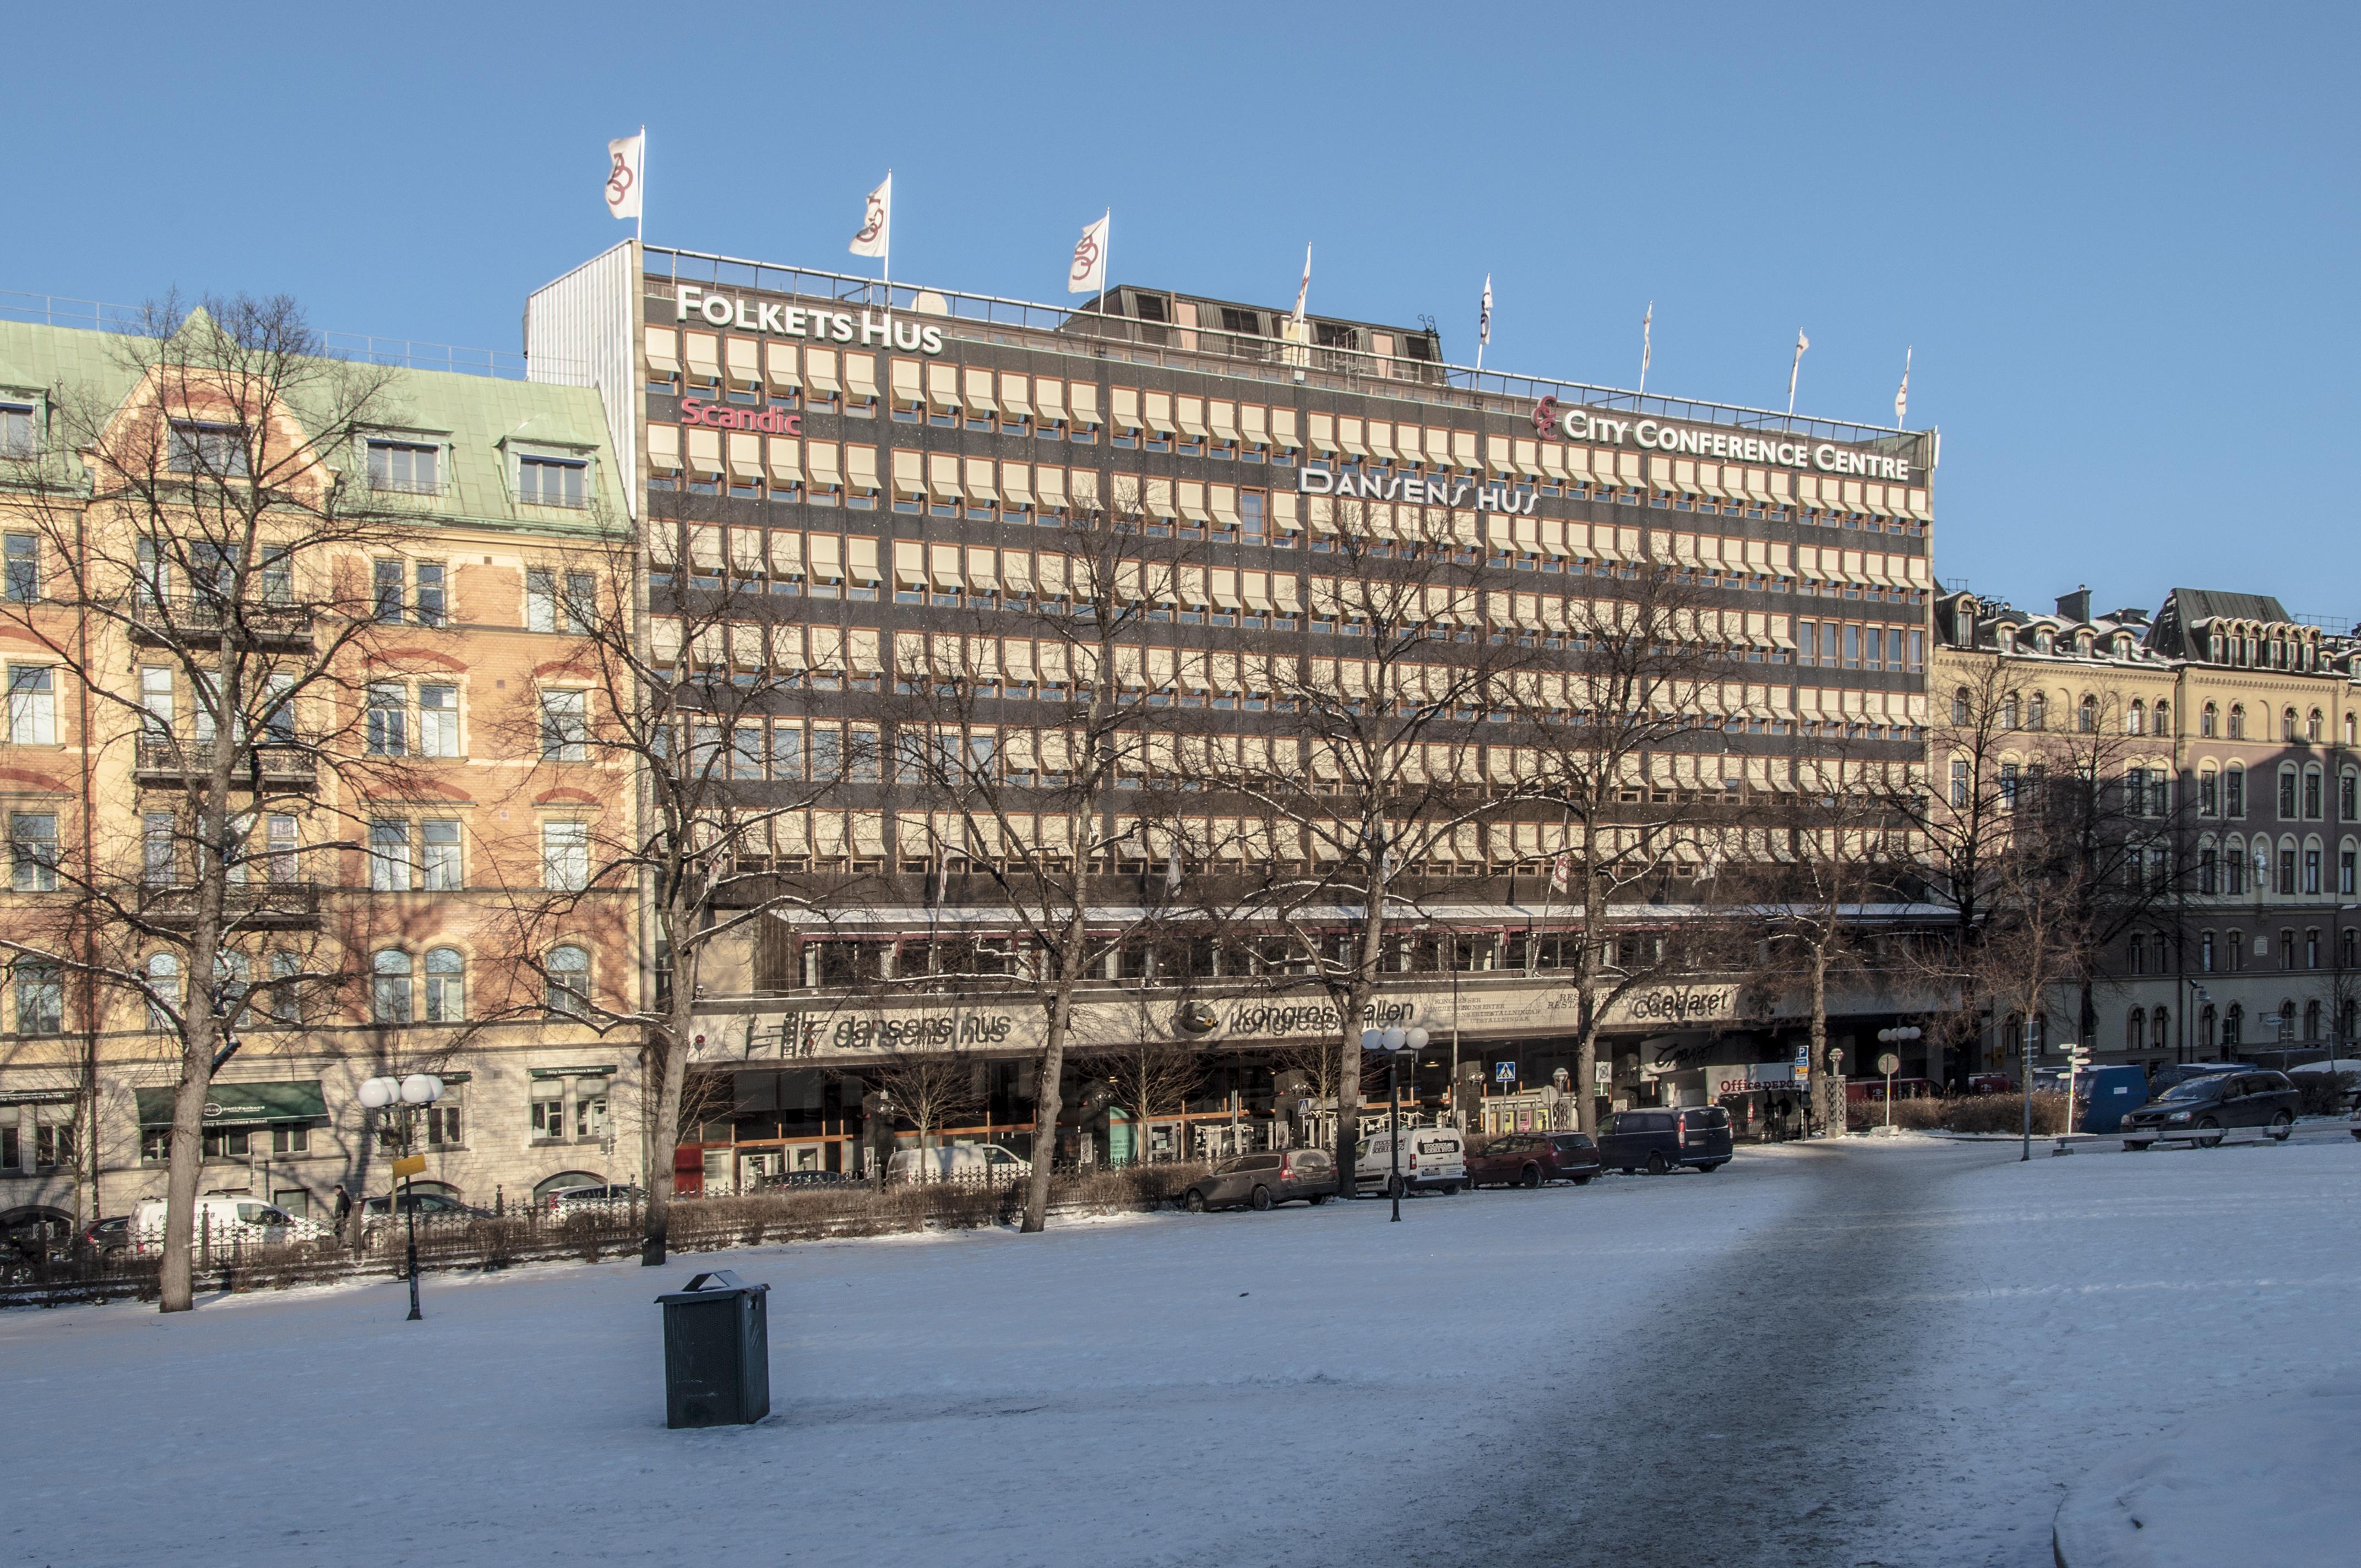 folkets hus stockholm